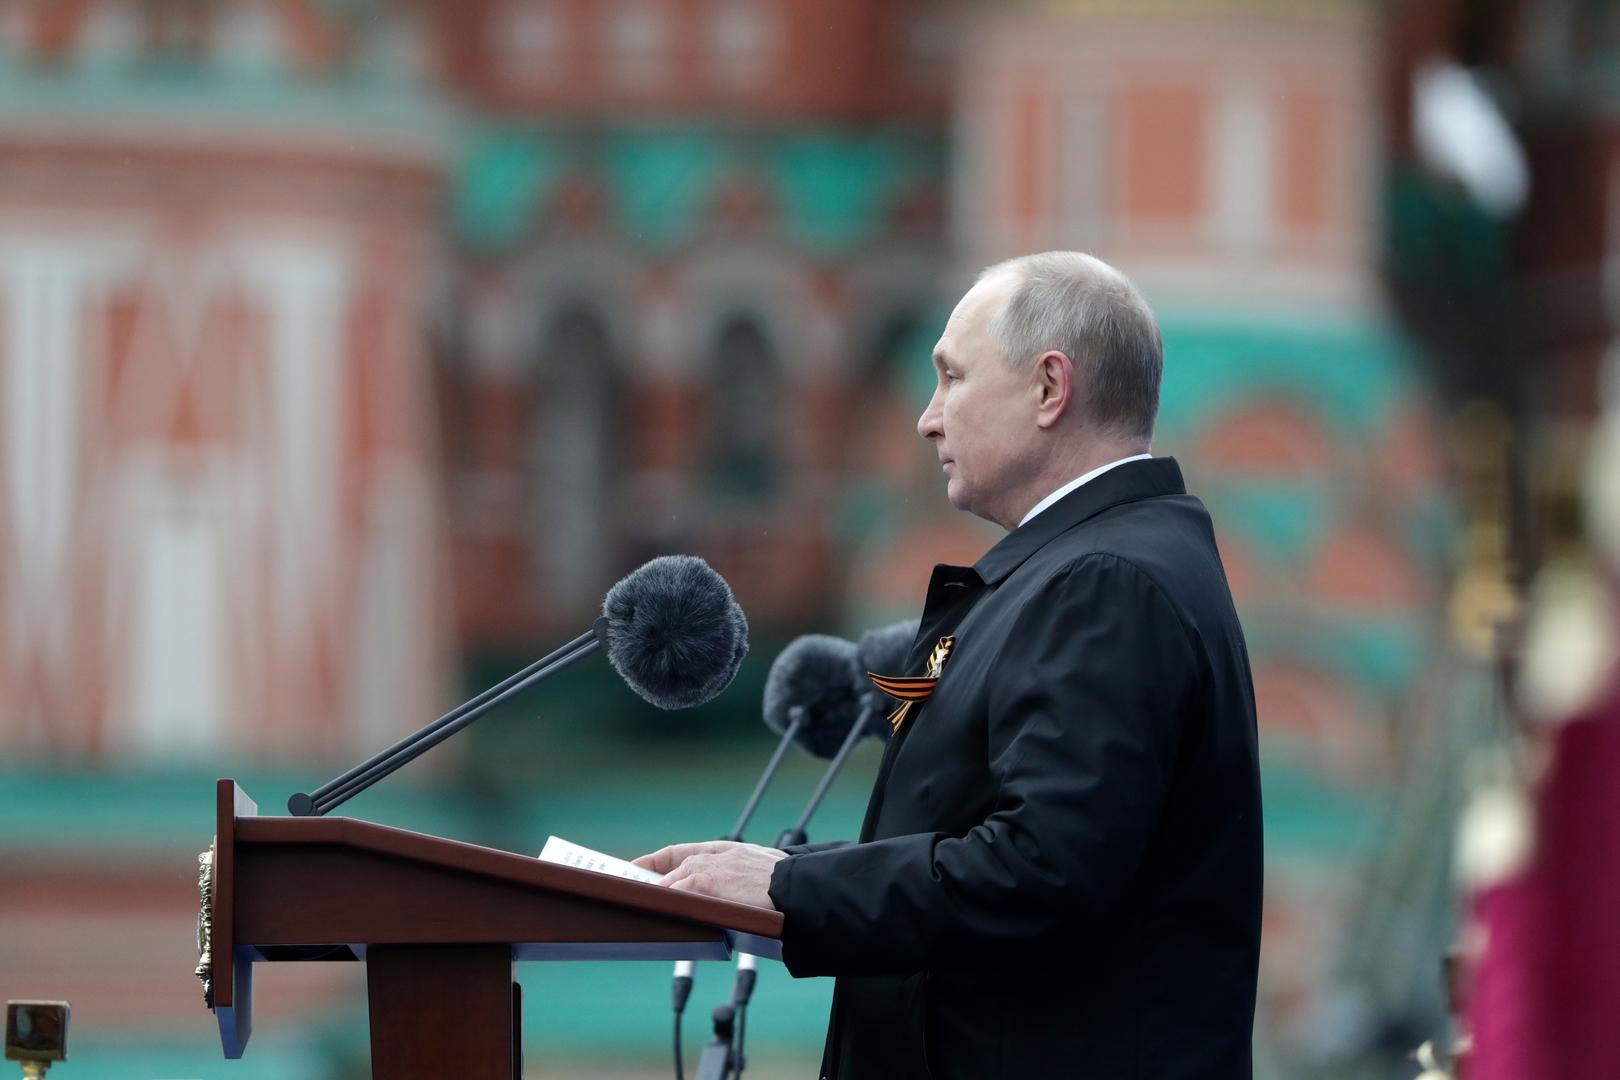 بوتين: عيد النصر كان وسيظل عيدا مقدسا لروسيا ولا مبرر لمن يضع مخططات عدوانية جديدة